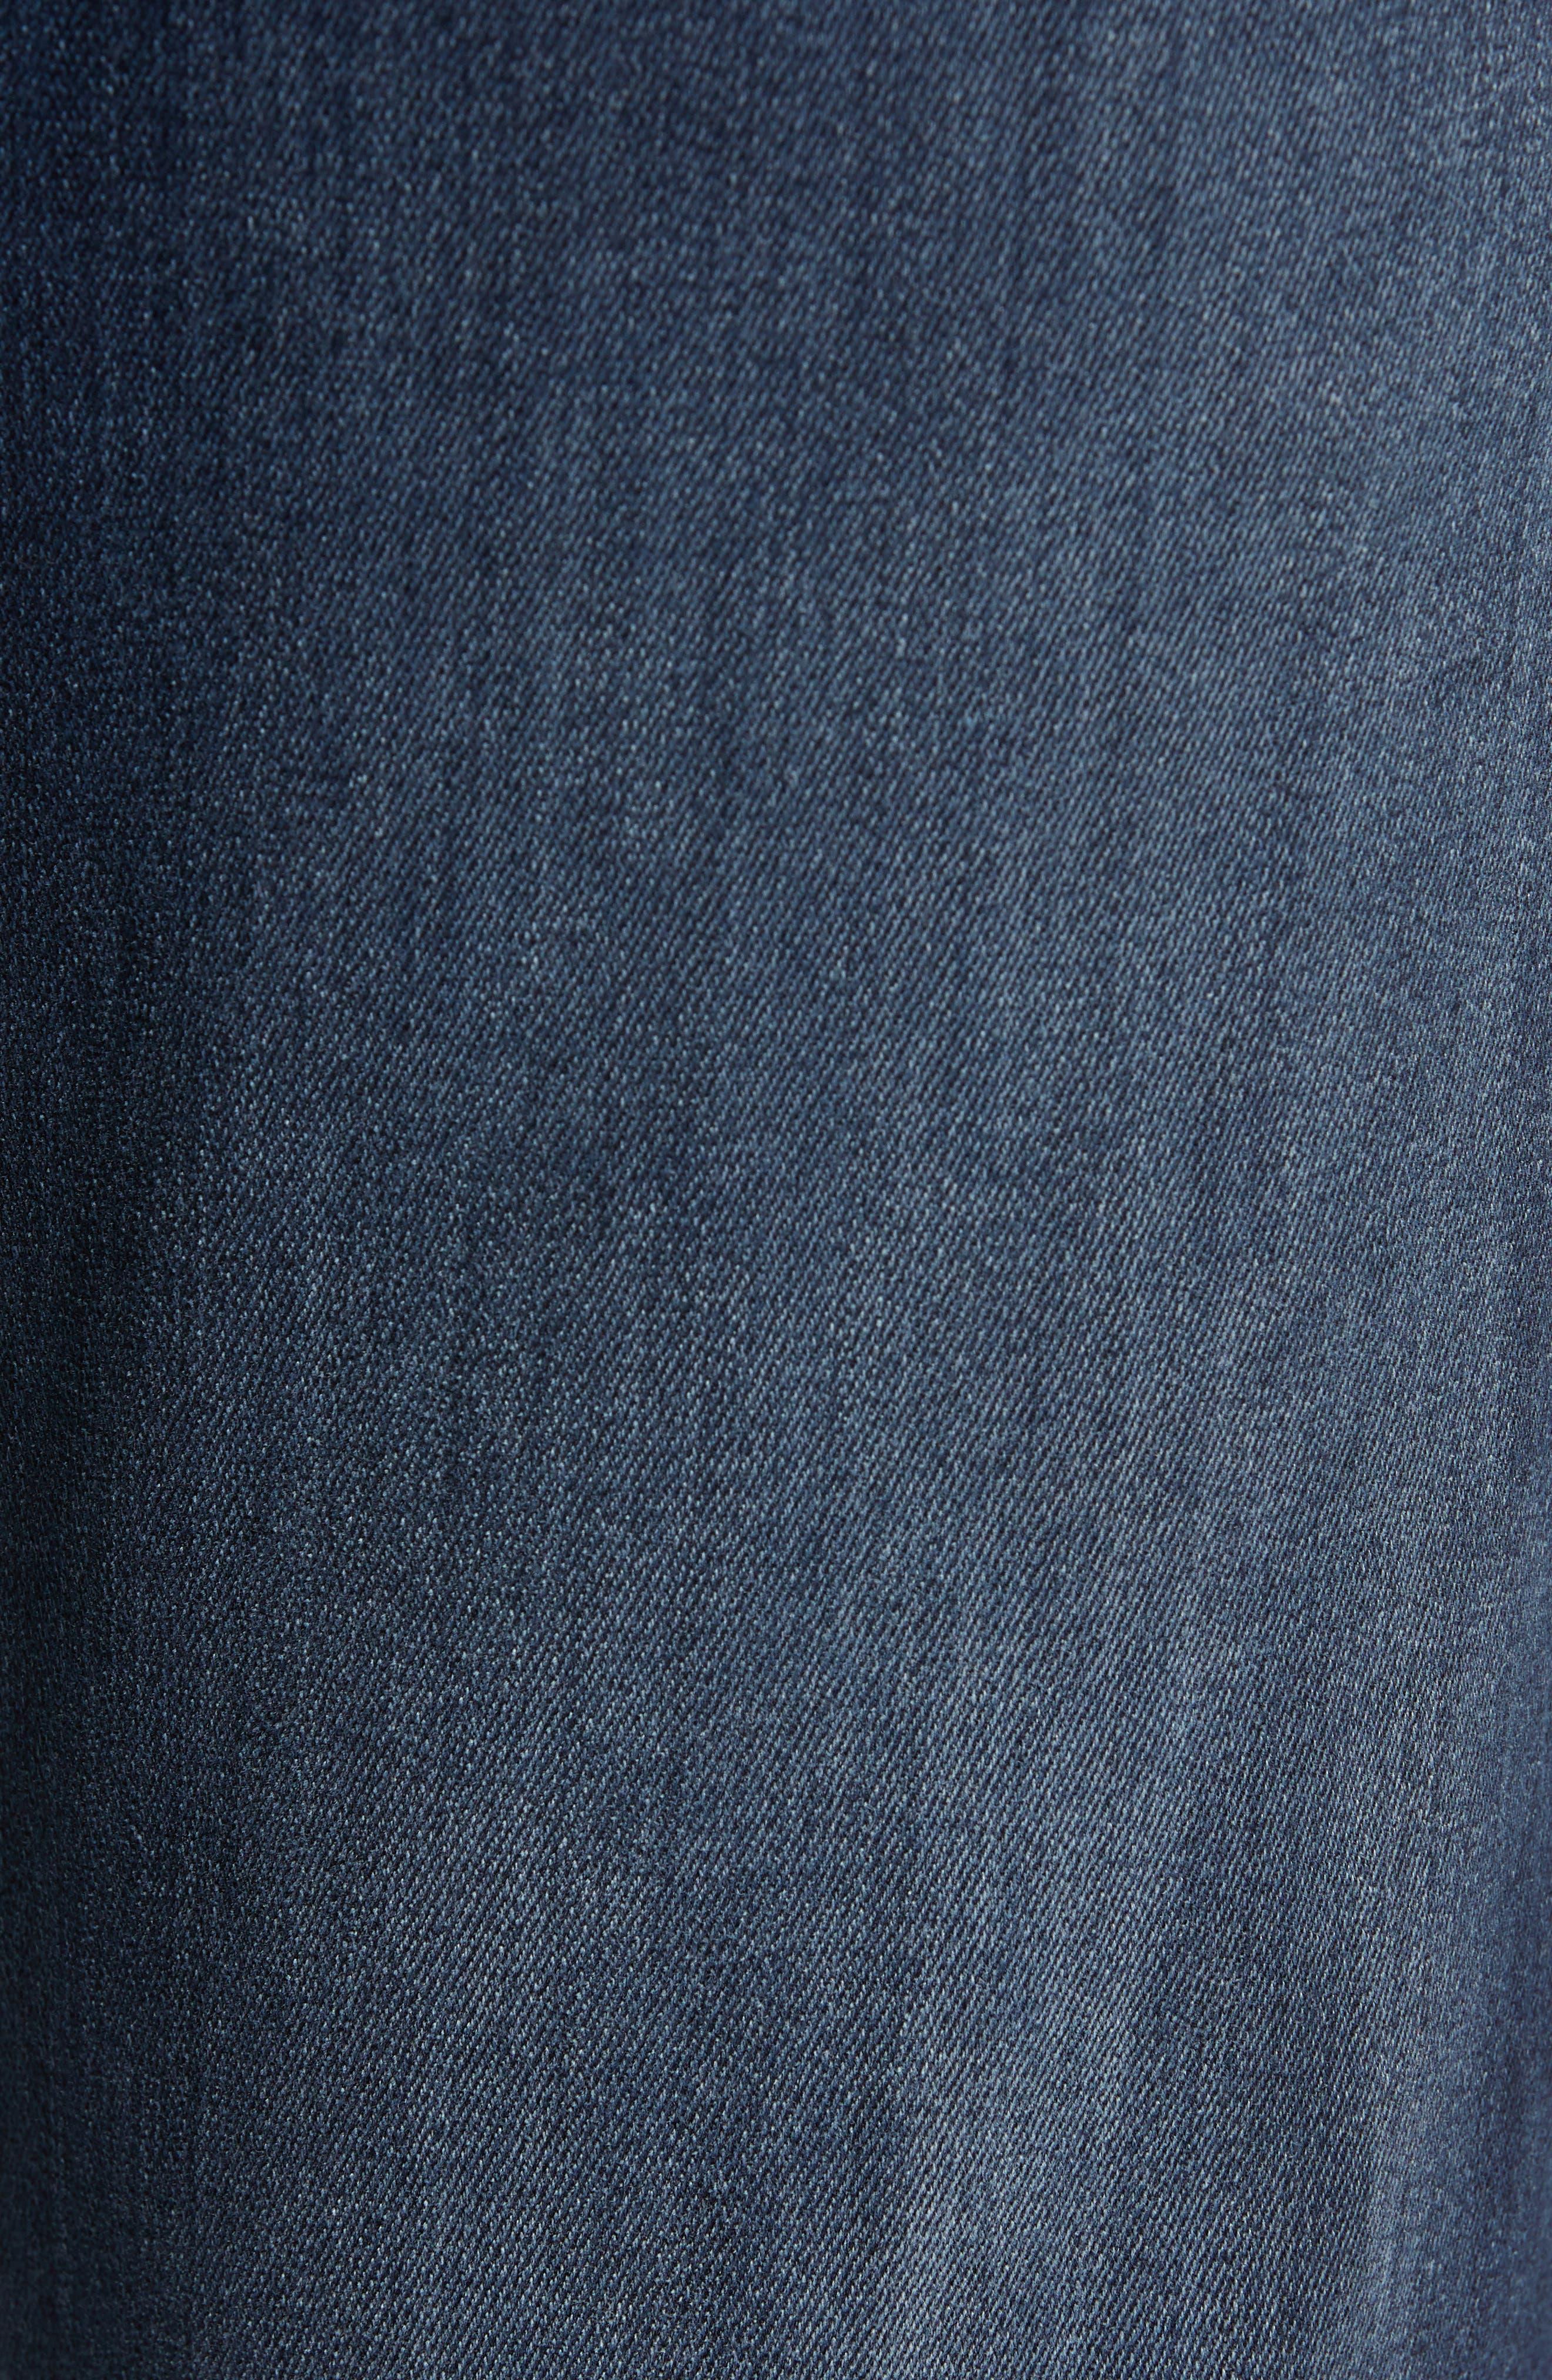 Fidelity Slim Straight Leg Jeans,                             Alternate thumbnail 5, color,                             BEL AIR BLUE